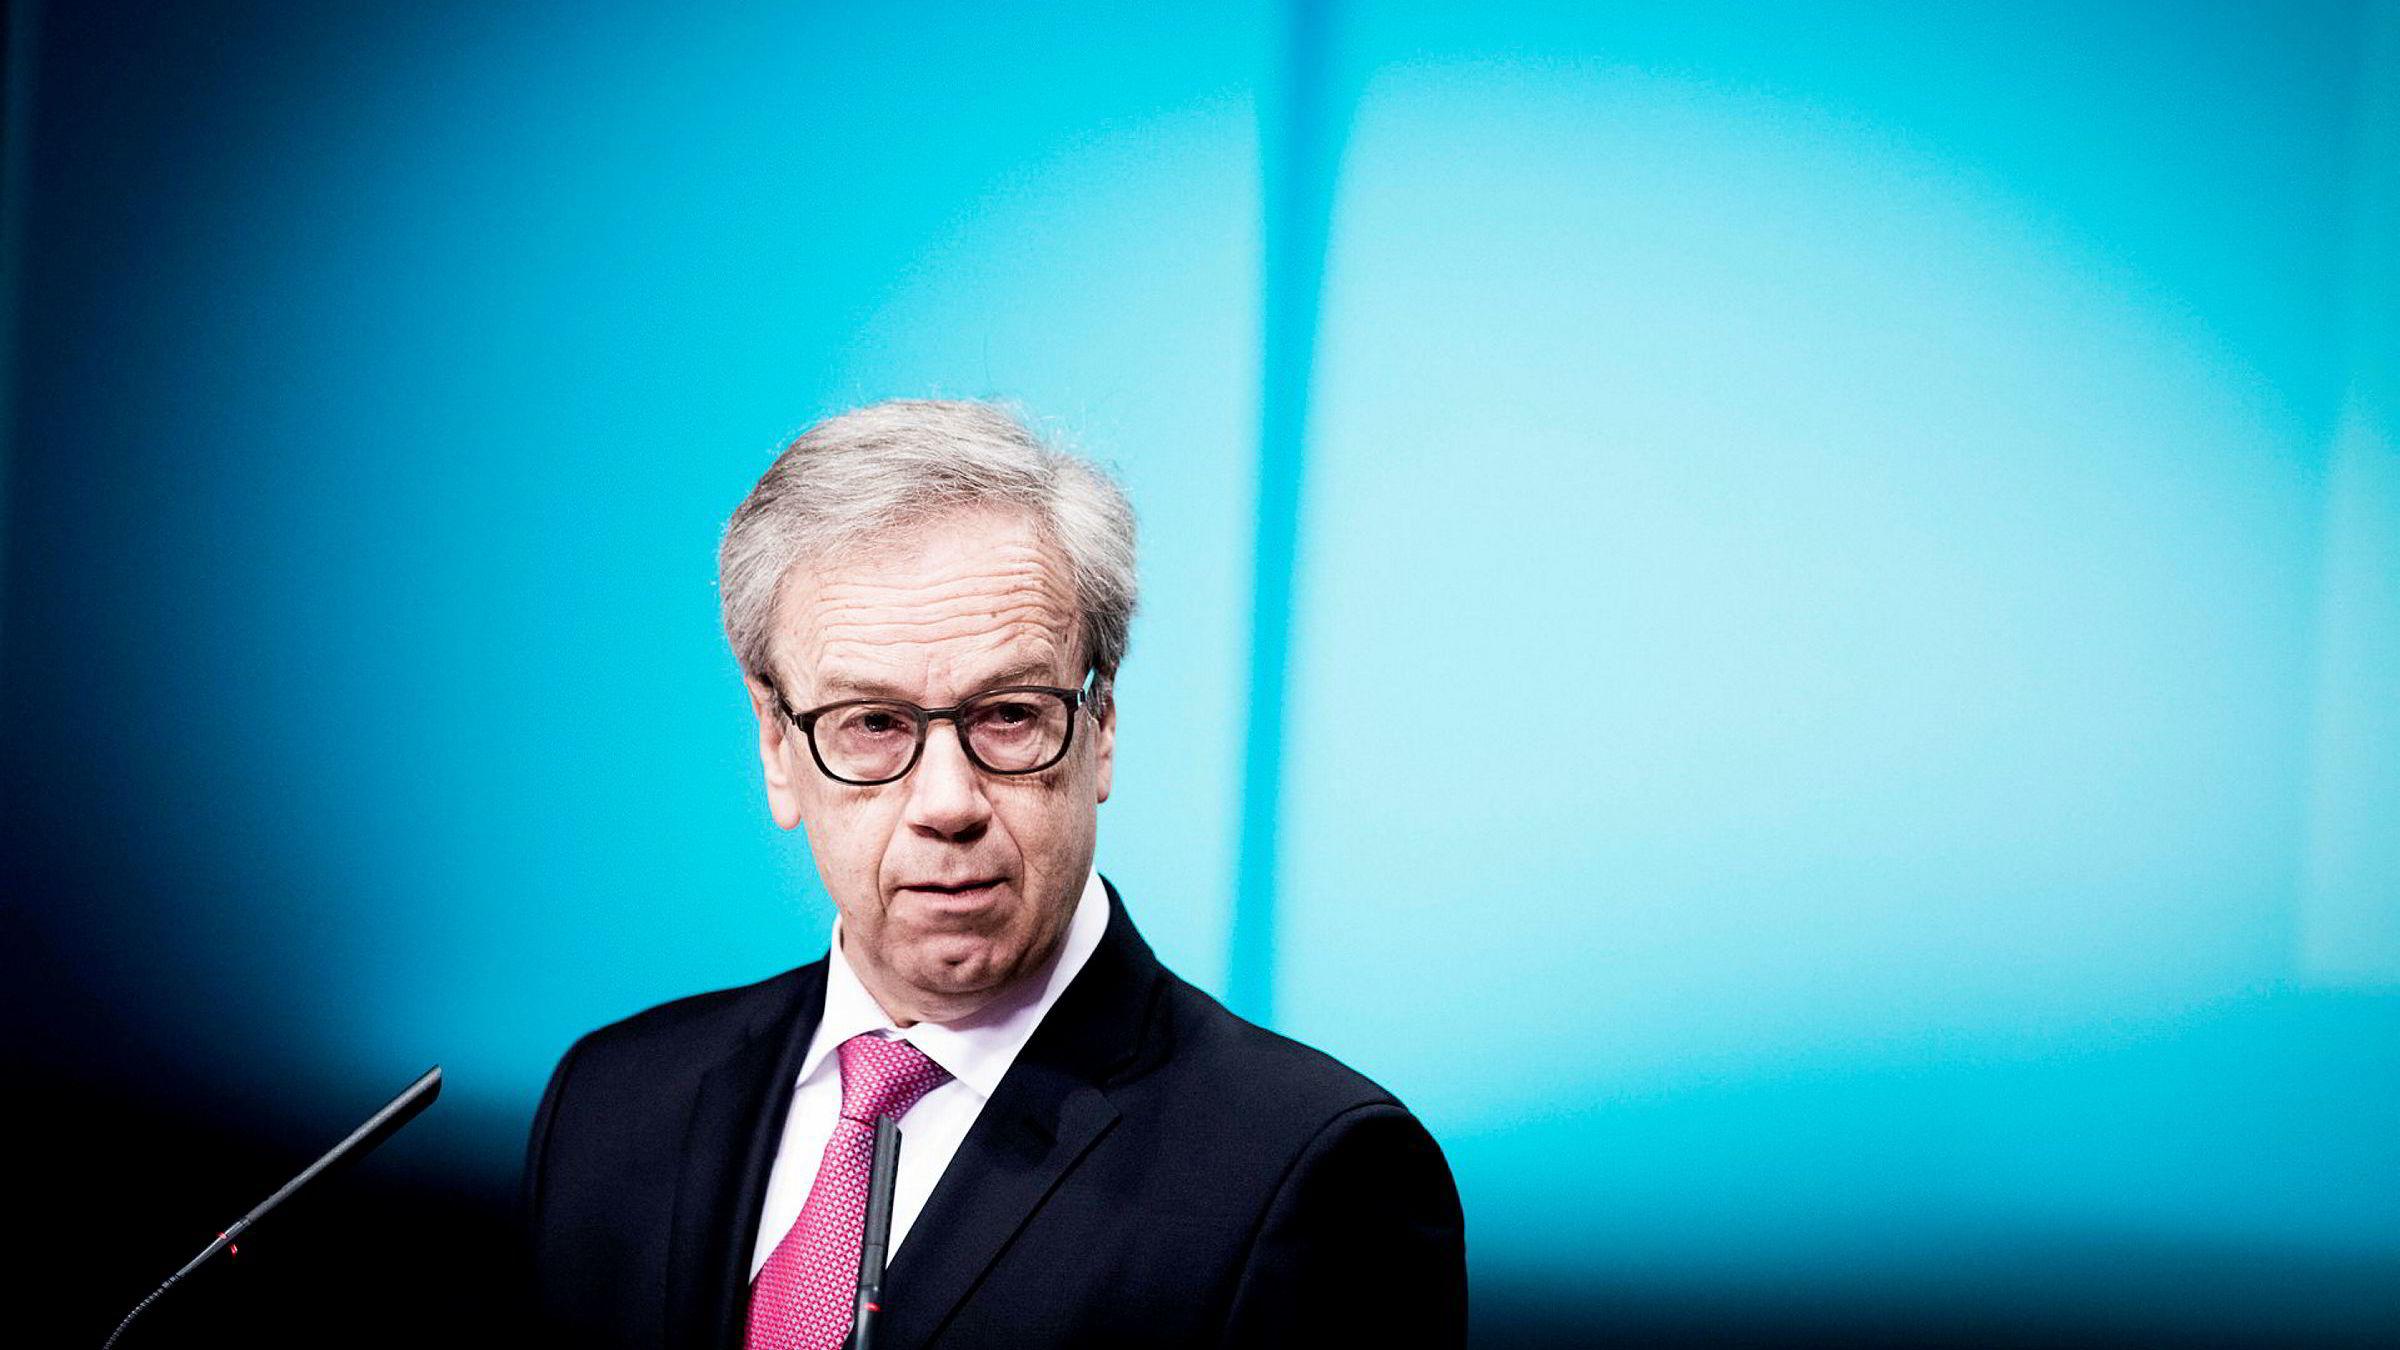 Hovedstyret i Norges Bank, med sentralbanksjef Øystein Olsen i spissen, har besluttet å sette to oljefond-selskaper til observasjon.